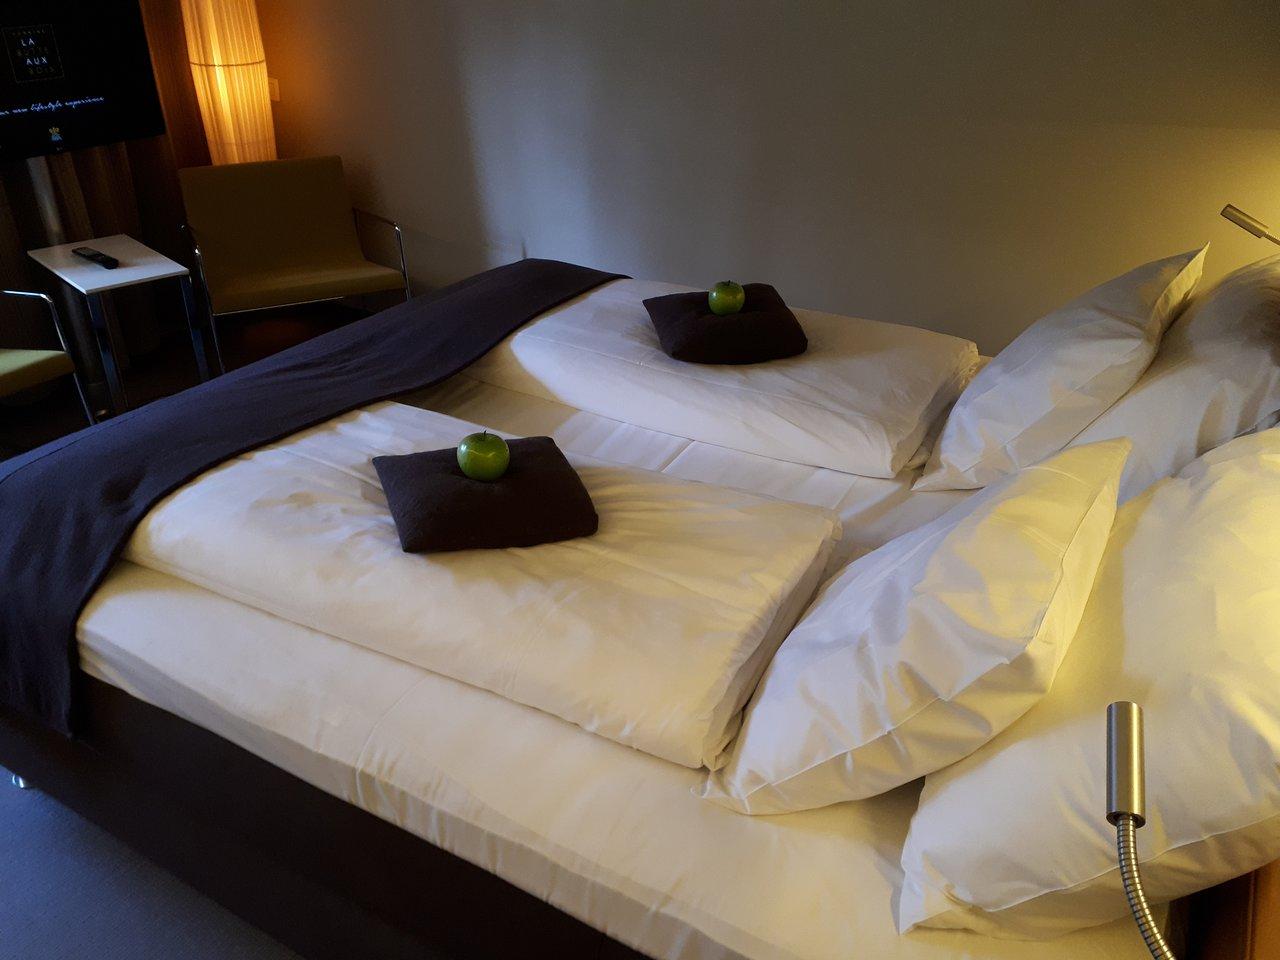 Hotel De La Butte domaine la butte aux bois - updated 2020 prices & hotel